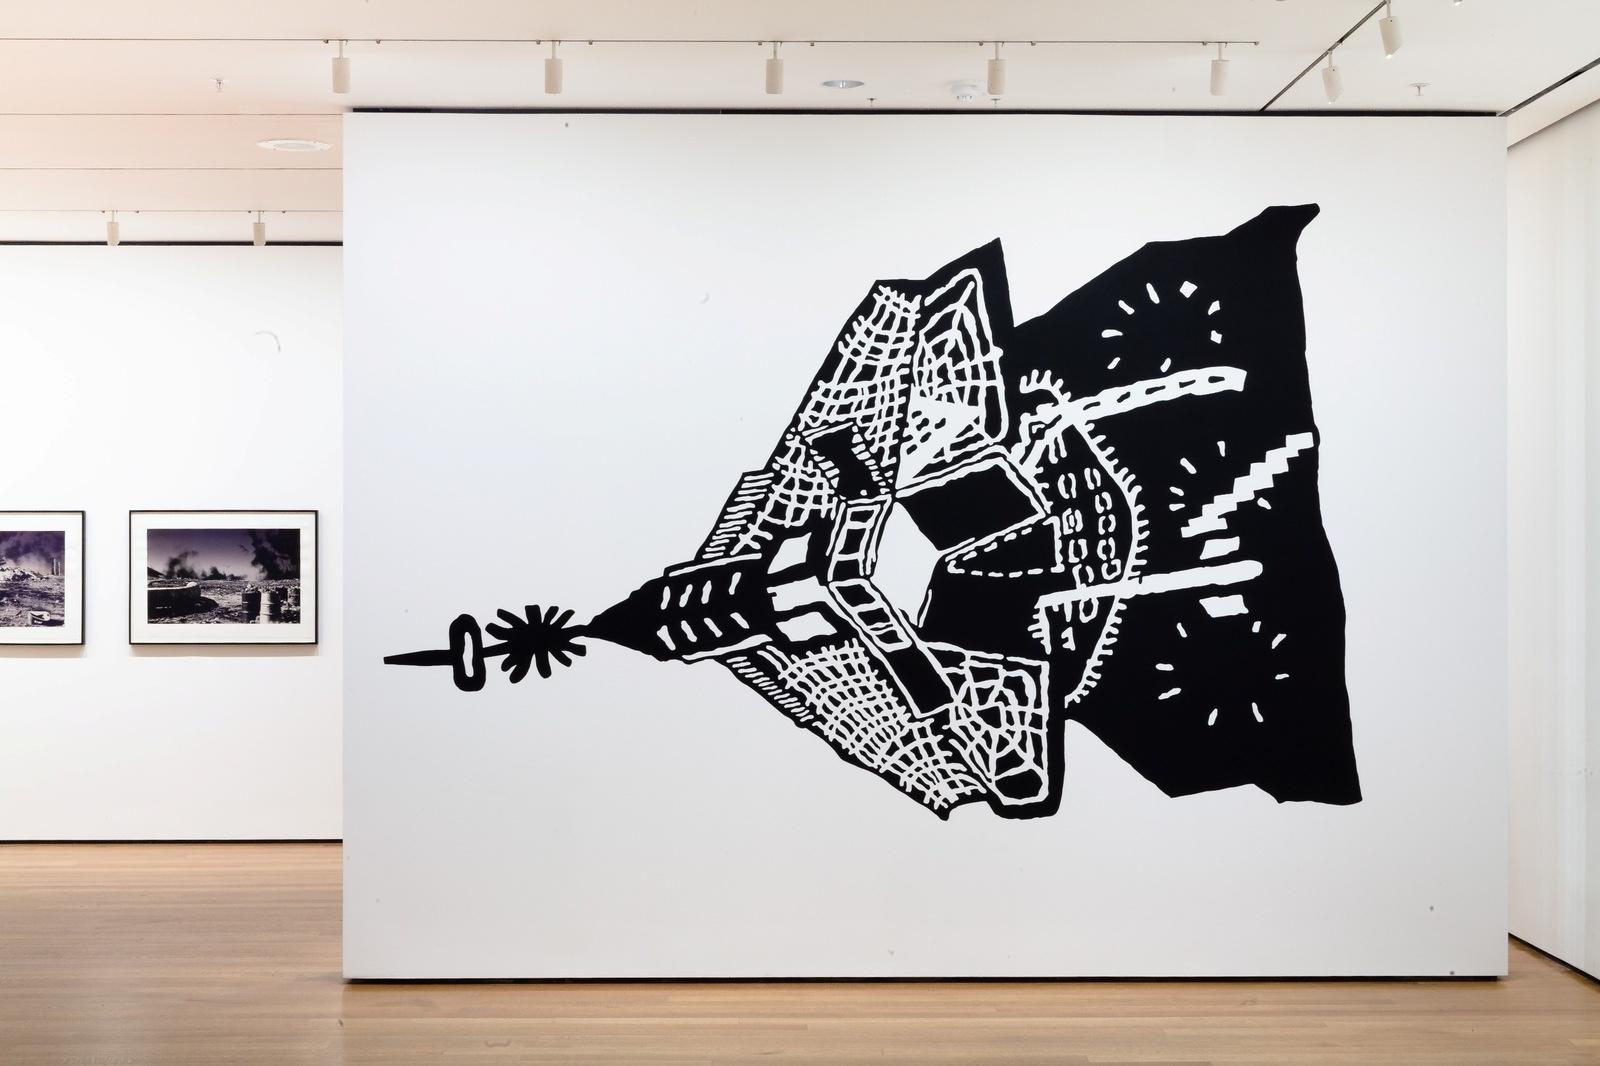 Installation view at MoMA of Kwakuhlekisa. 2007 image